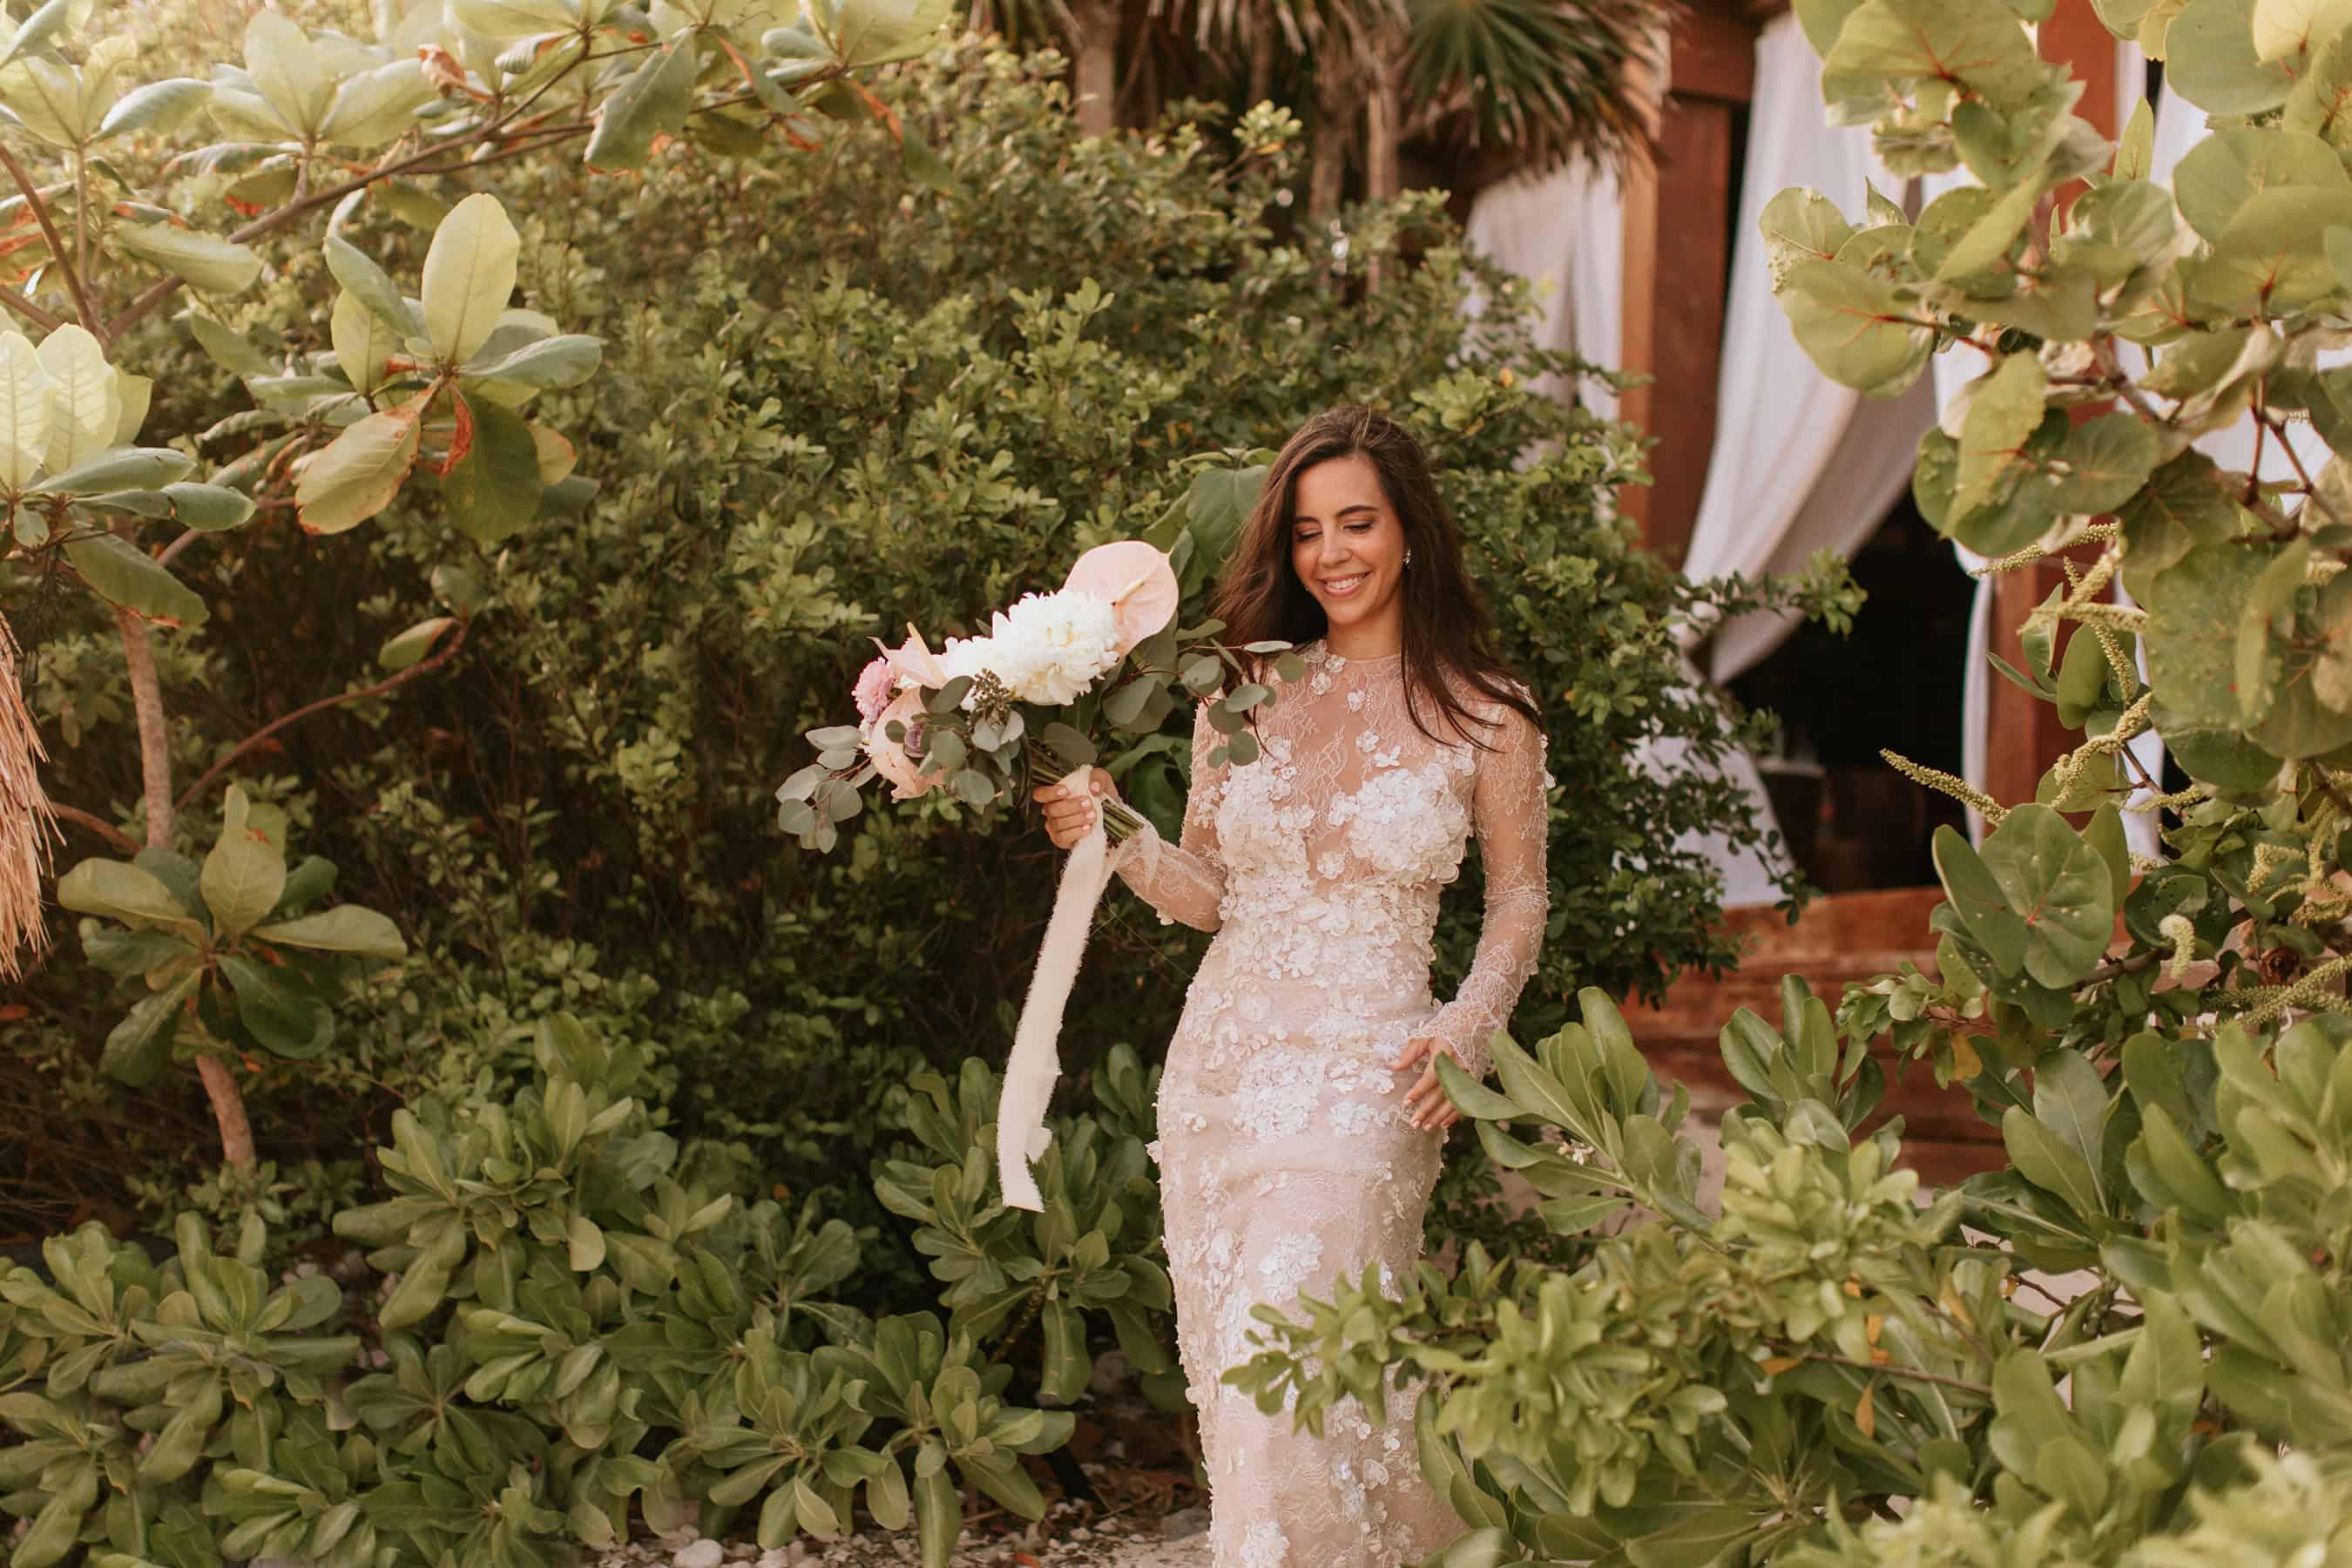 فساتين زفاف المشاهير : فستان زفاف سامانثا دي بيانكي